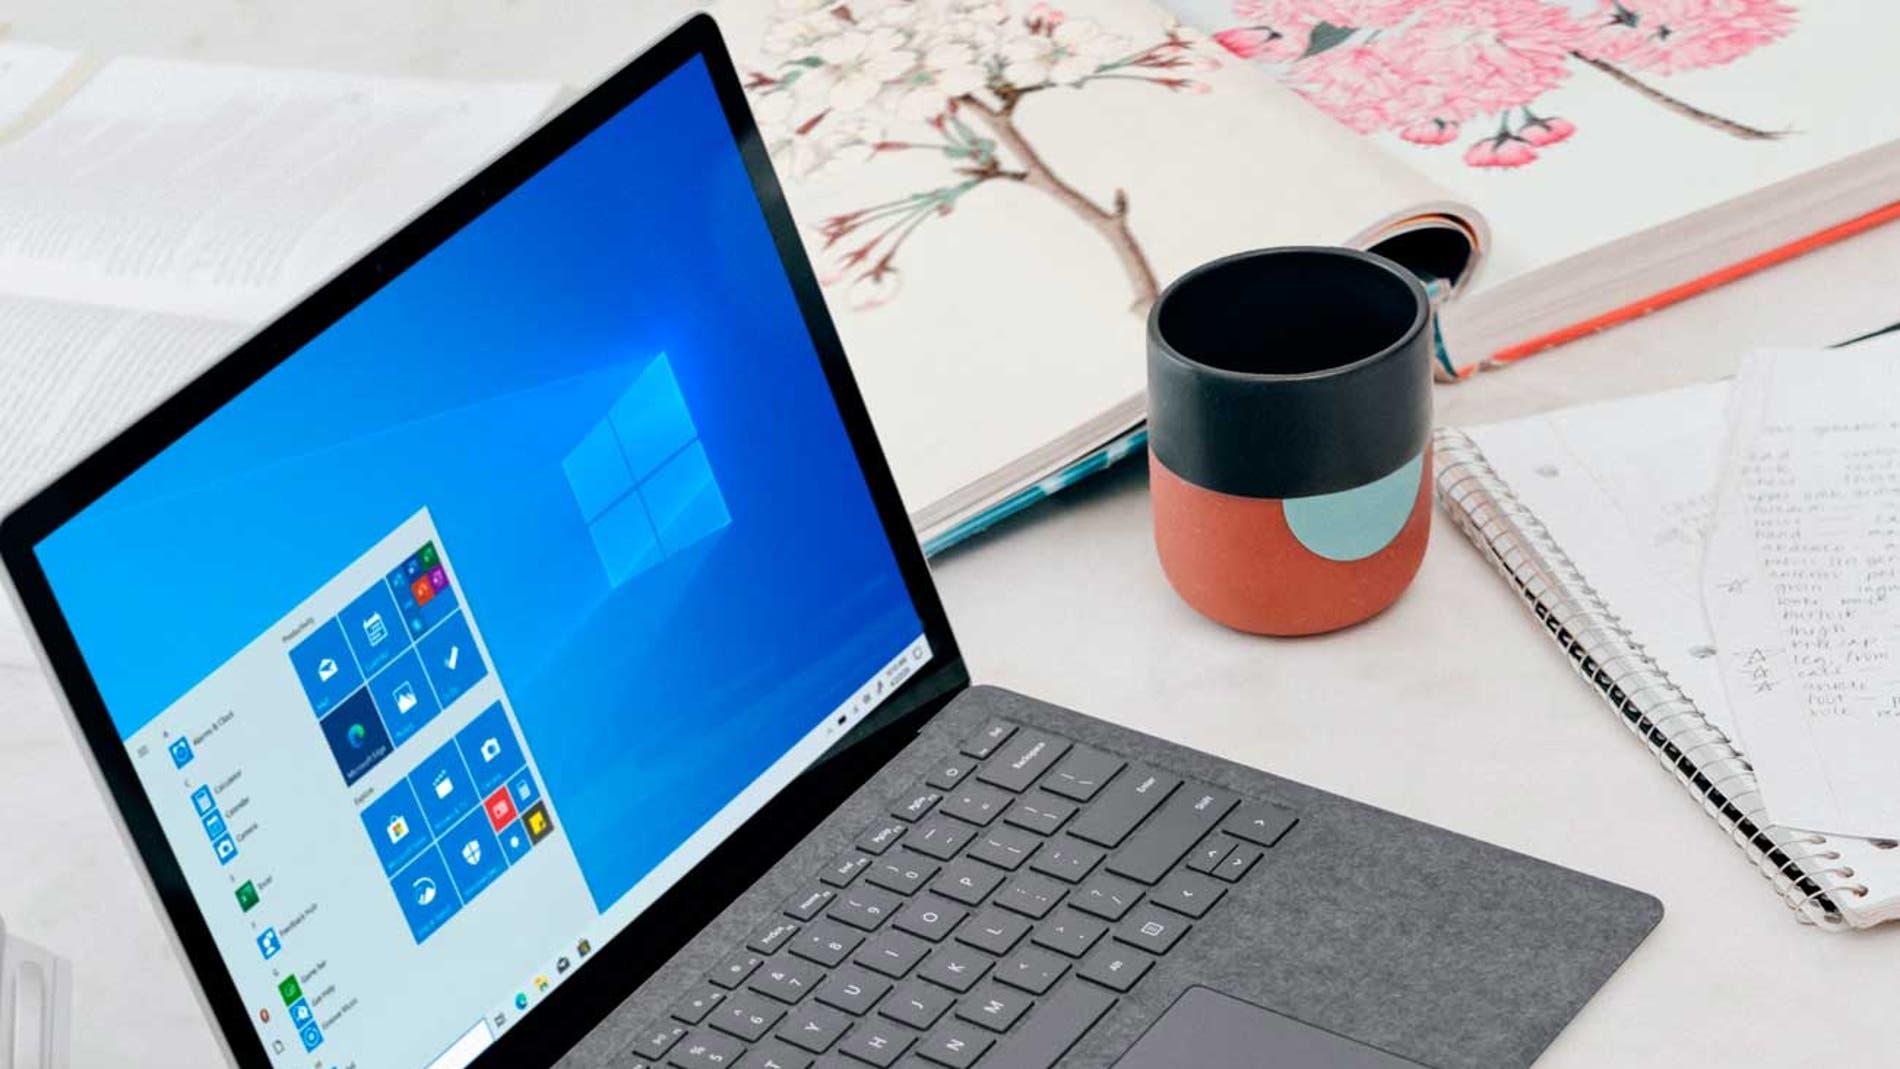 Personaliza tus noticias con en nuevo Widget de Windows 10